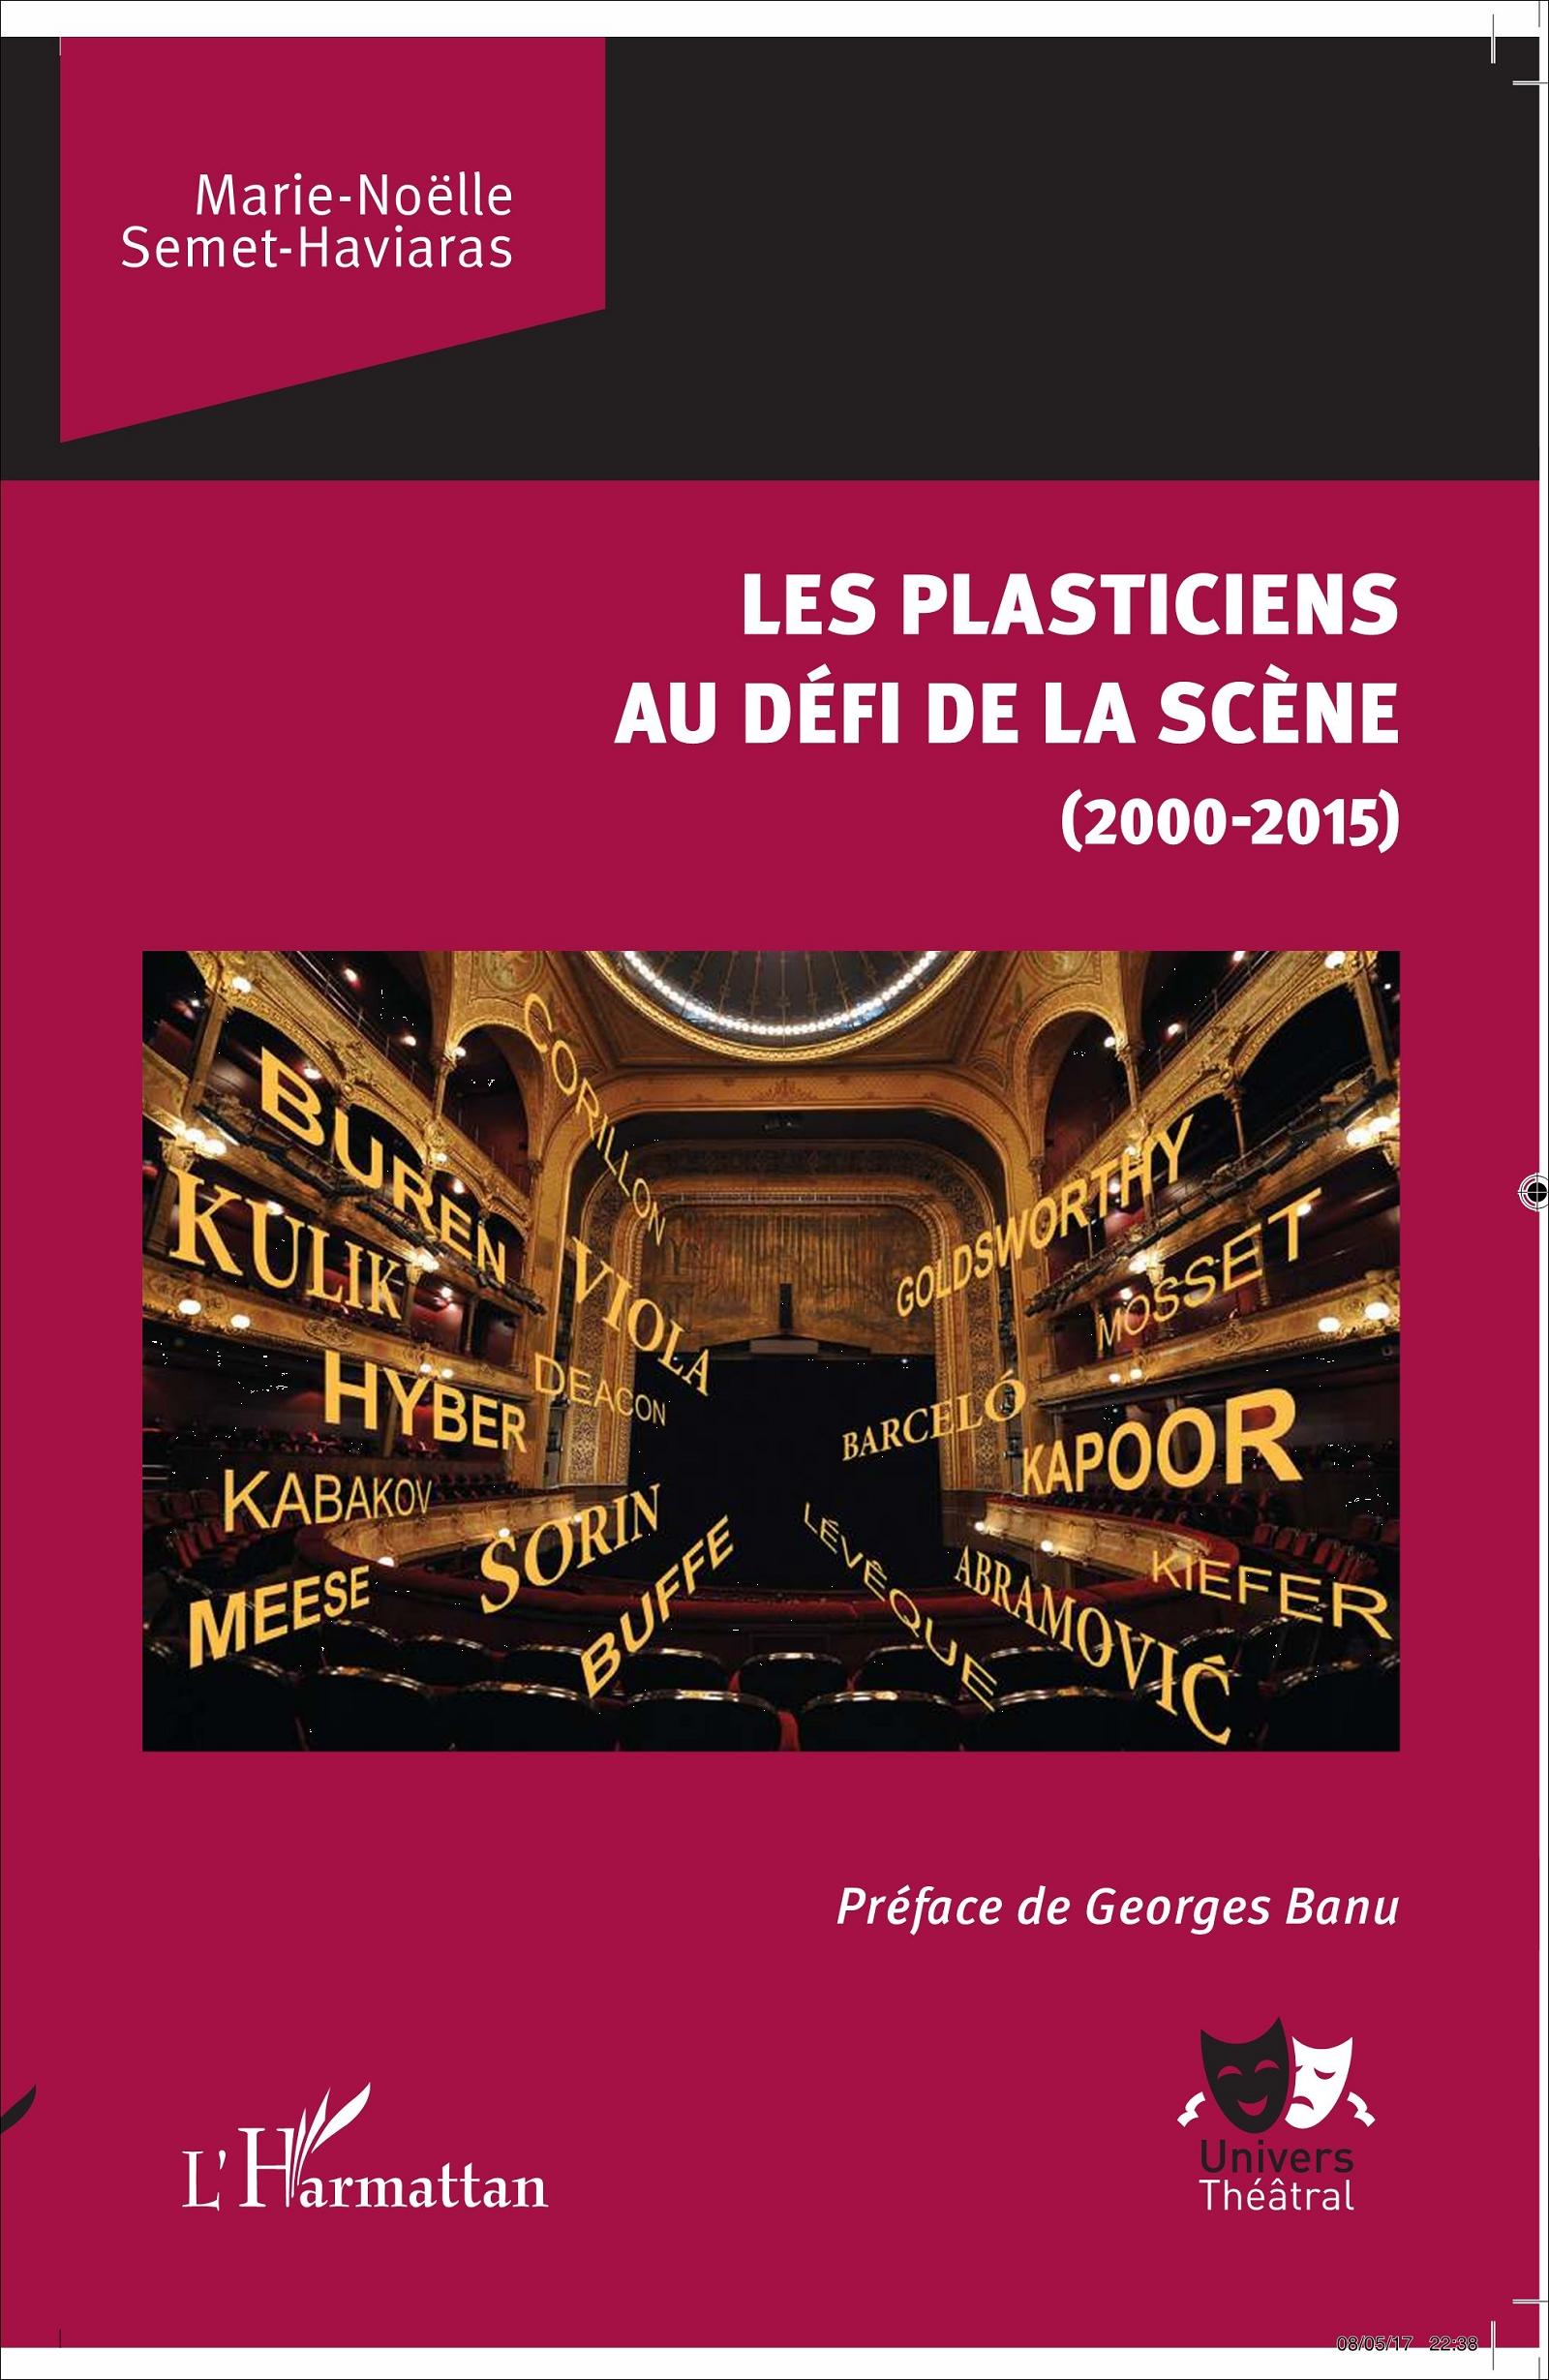 M.-N. Semet-Haviaras, Les Plasticiens au défi de la scène (2000-2015)